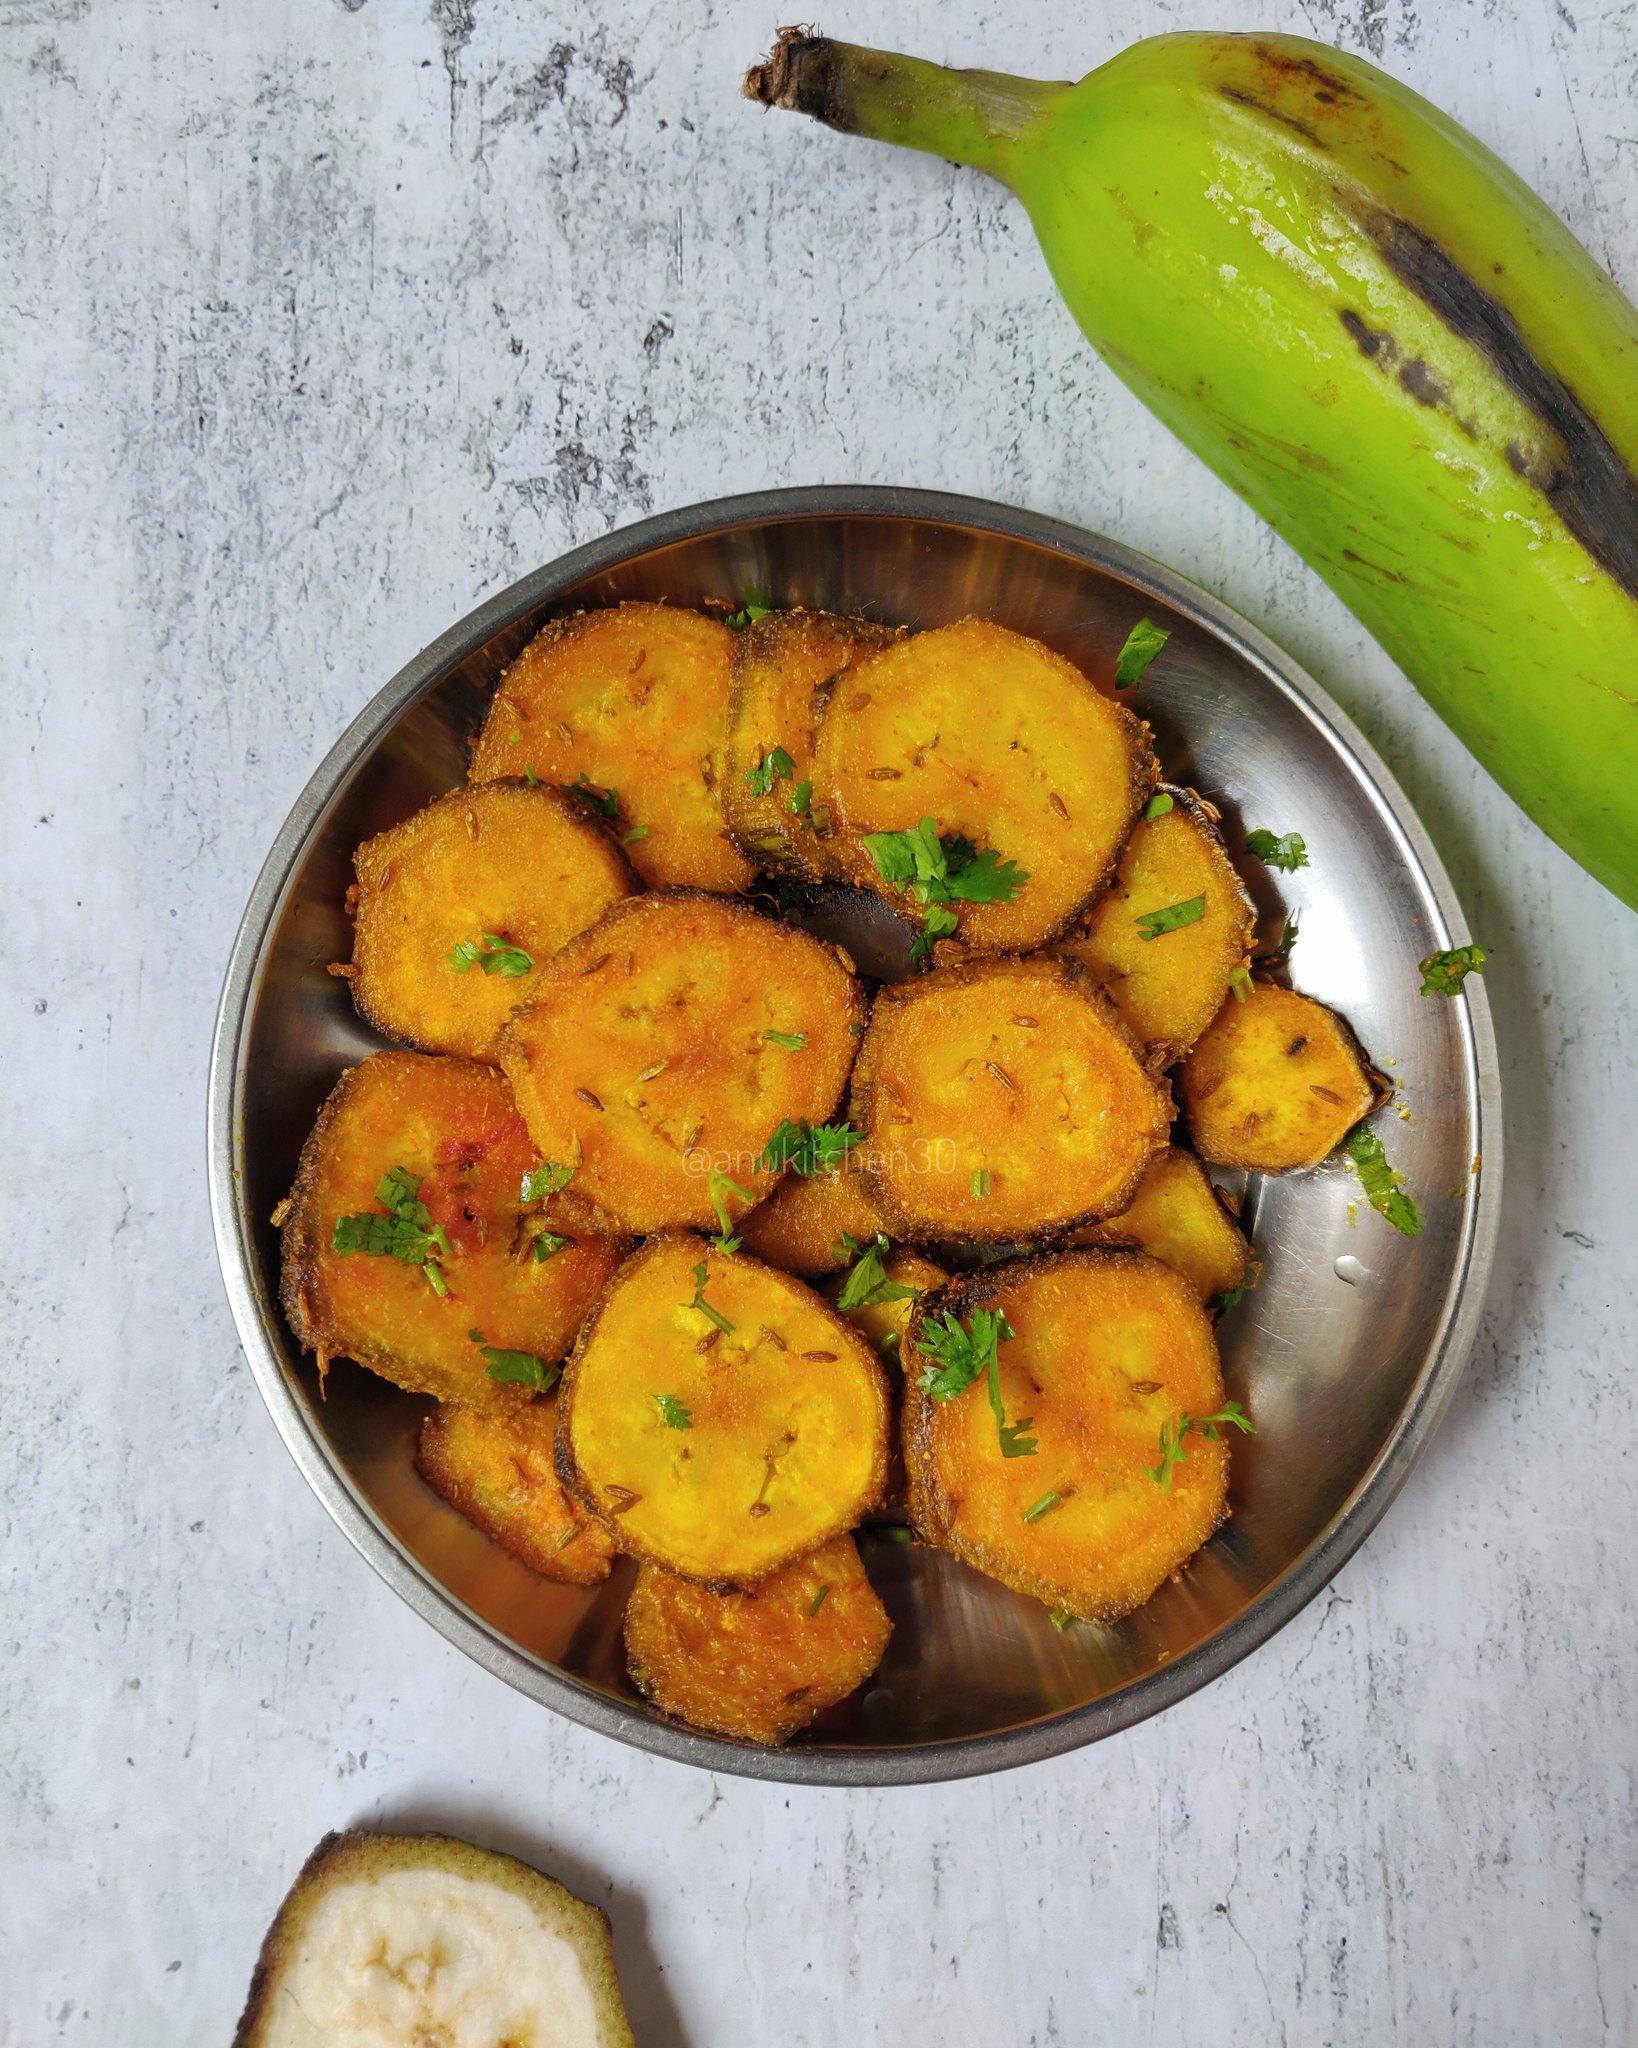 ಬಾಳೆಕಾಯಿ ಫ್ರೈ | Raw Banana Fry